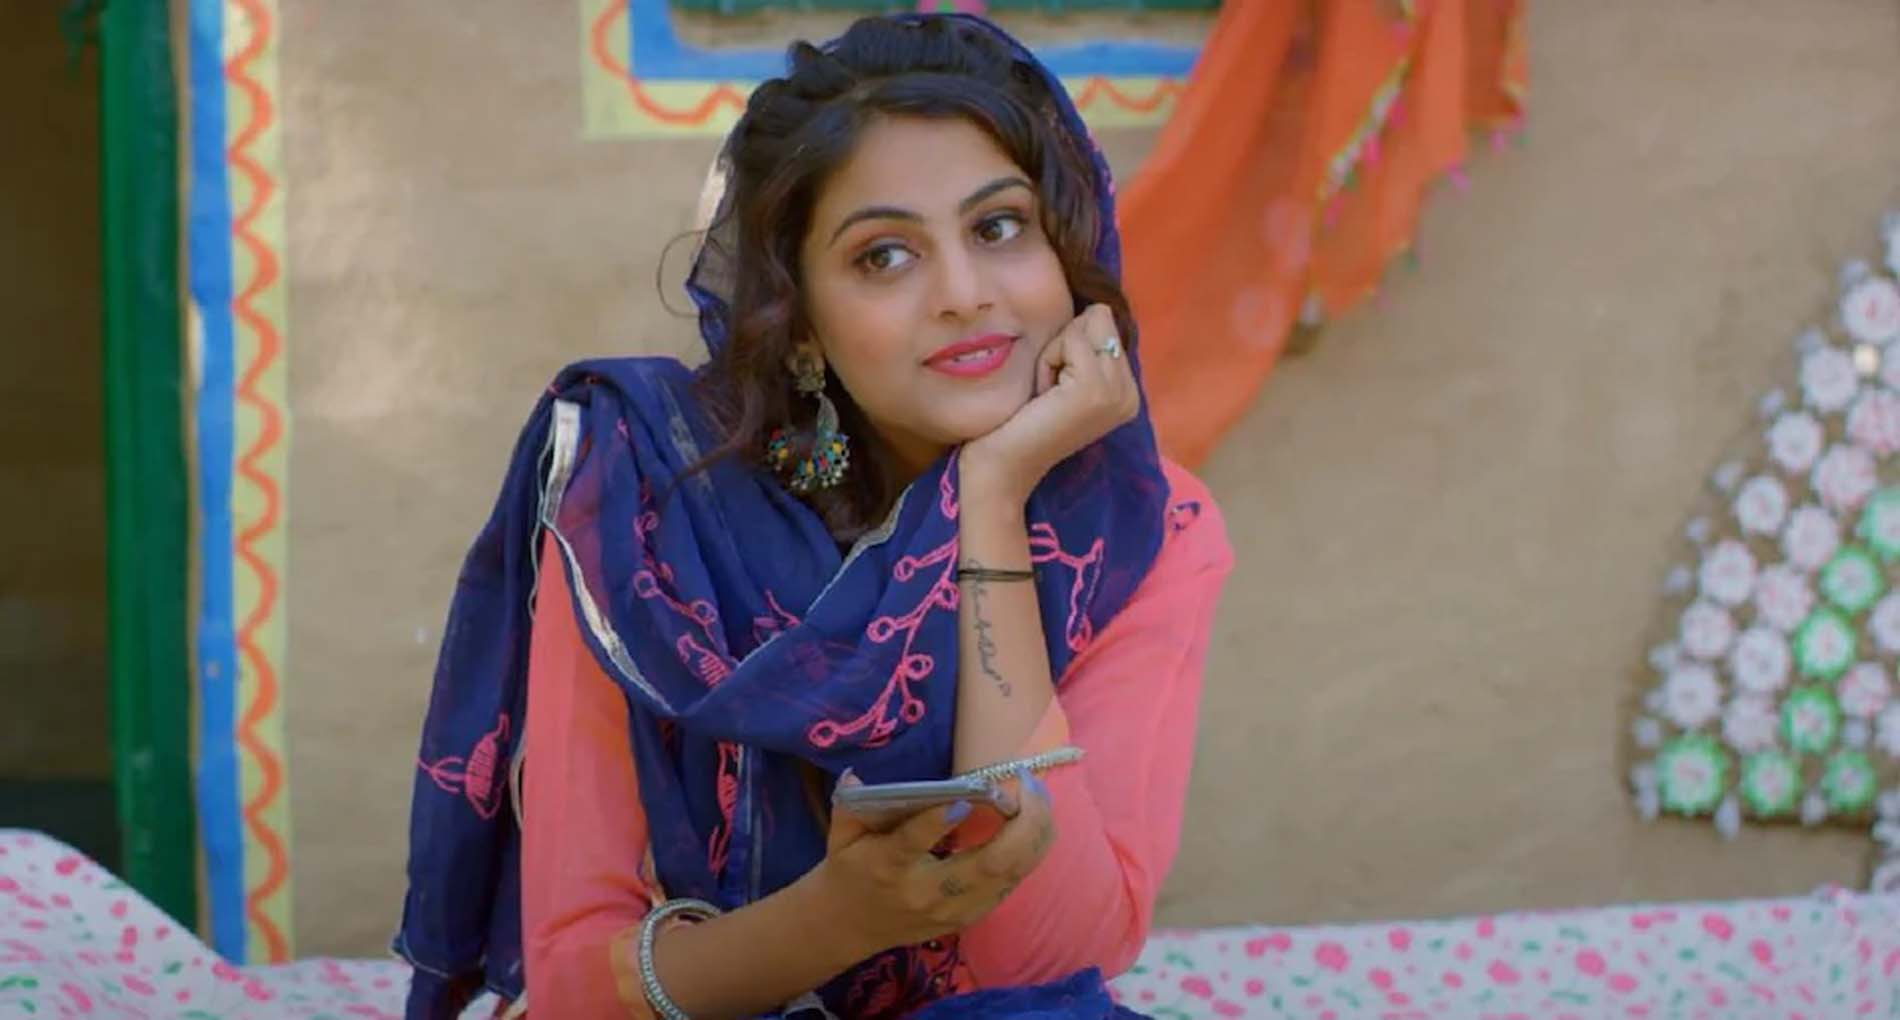 Haryanvi songs: रूचिका जांगिड़ के नए गाने 'हिचकी' की धूम! व्यूज एक करोड़ के पार